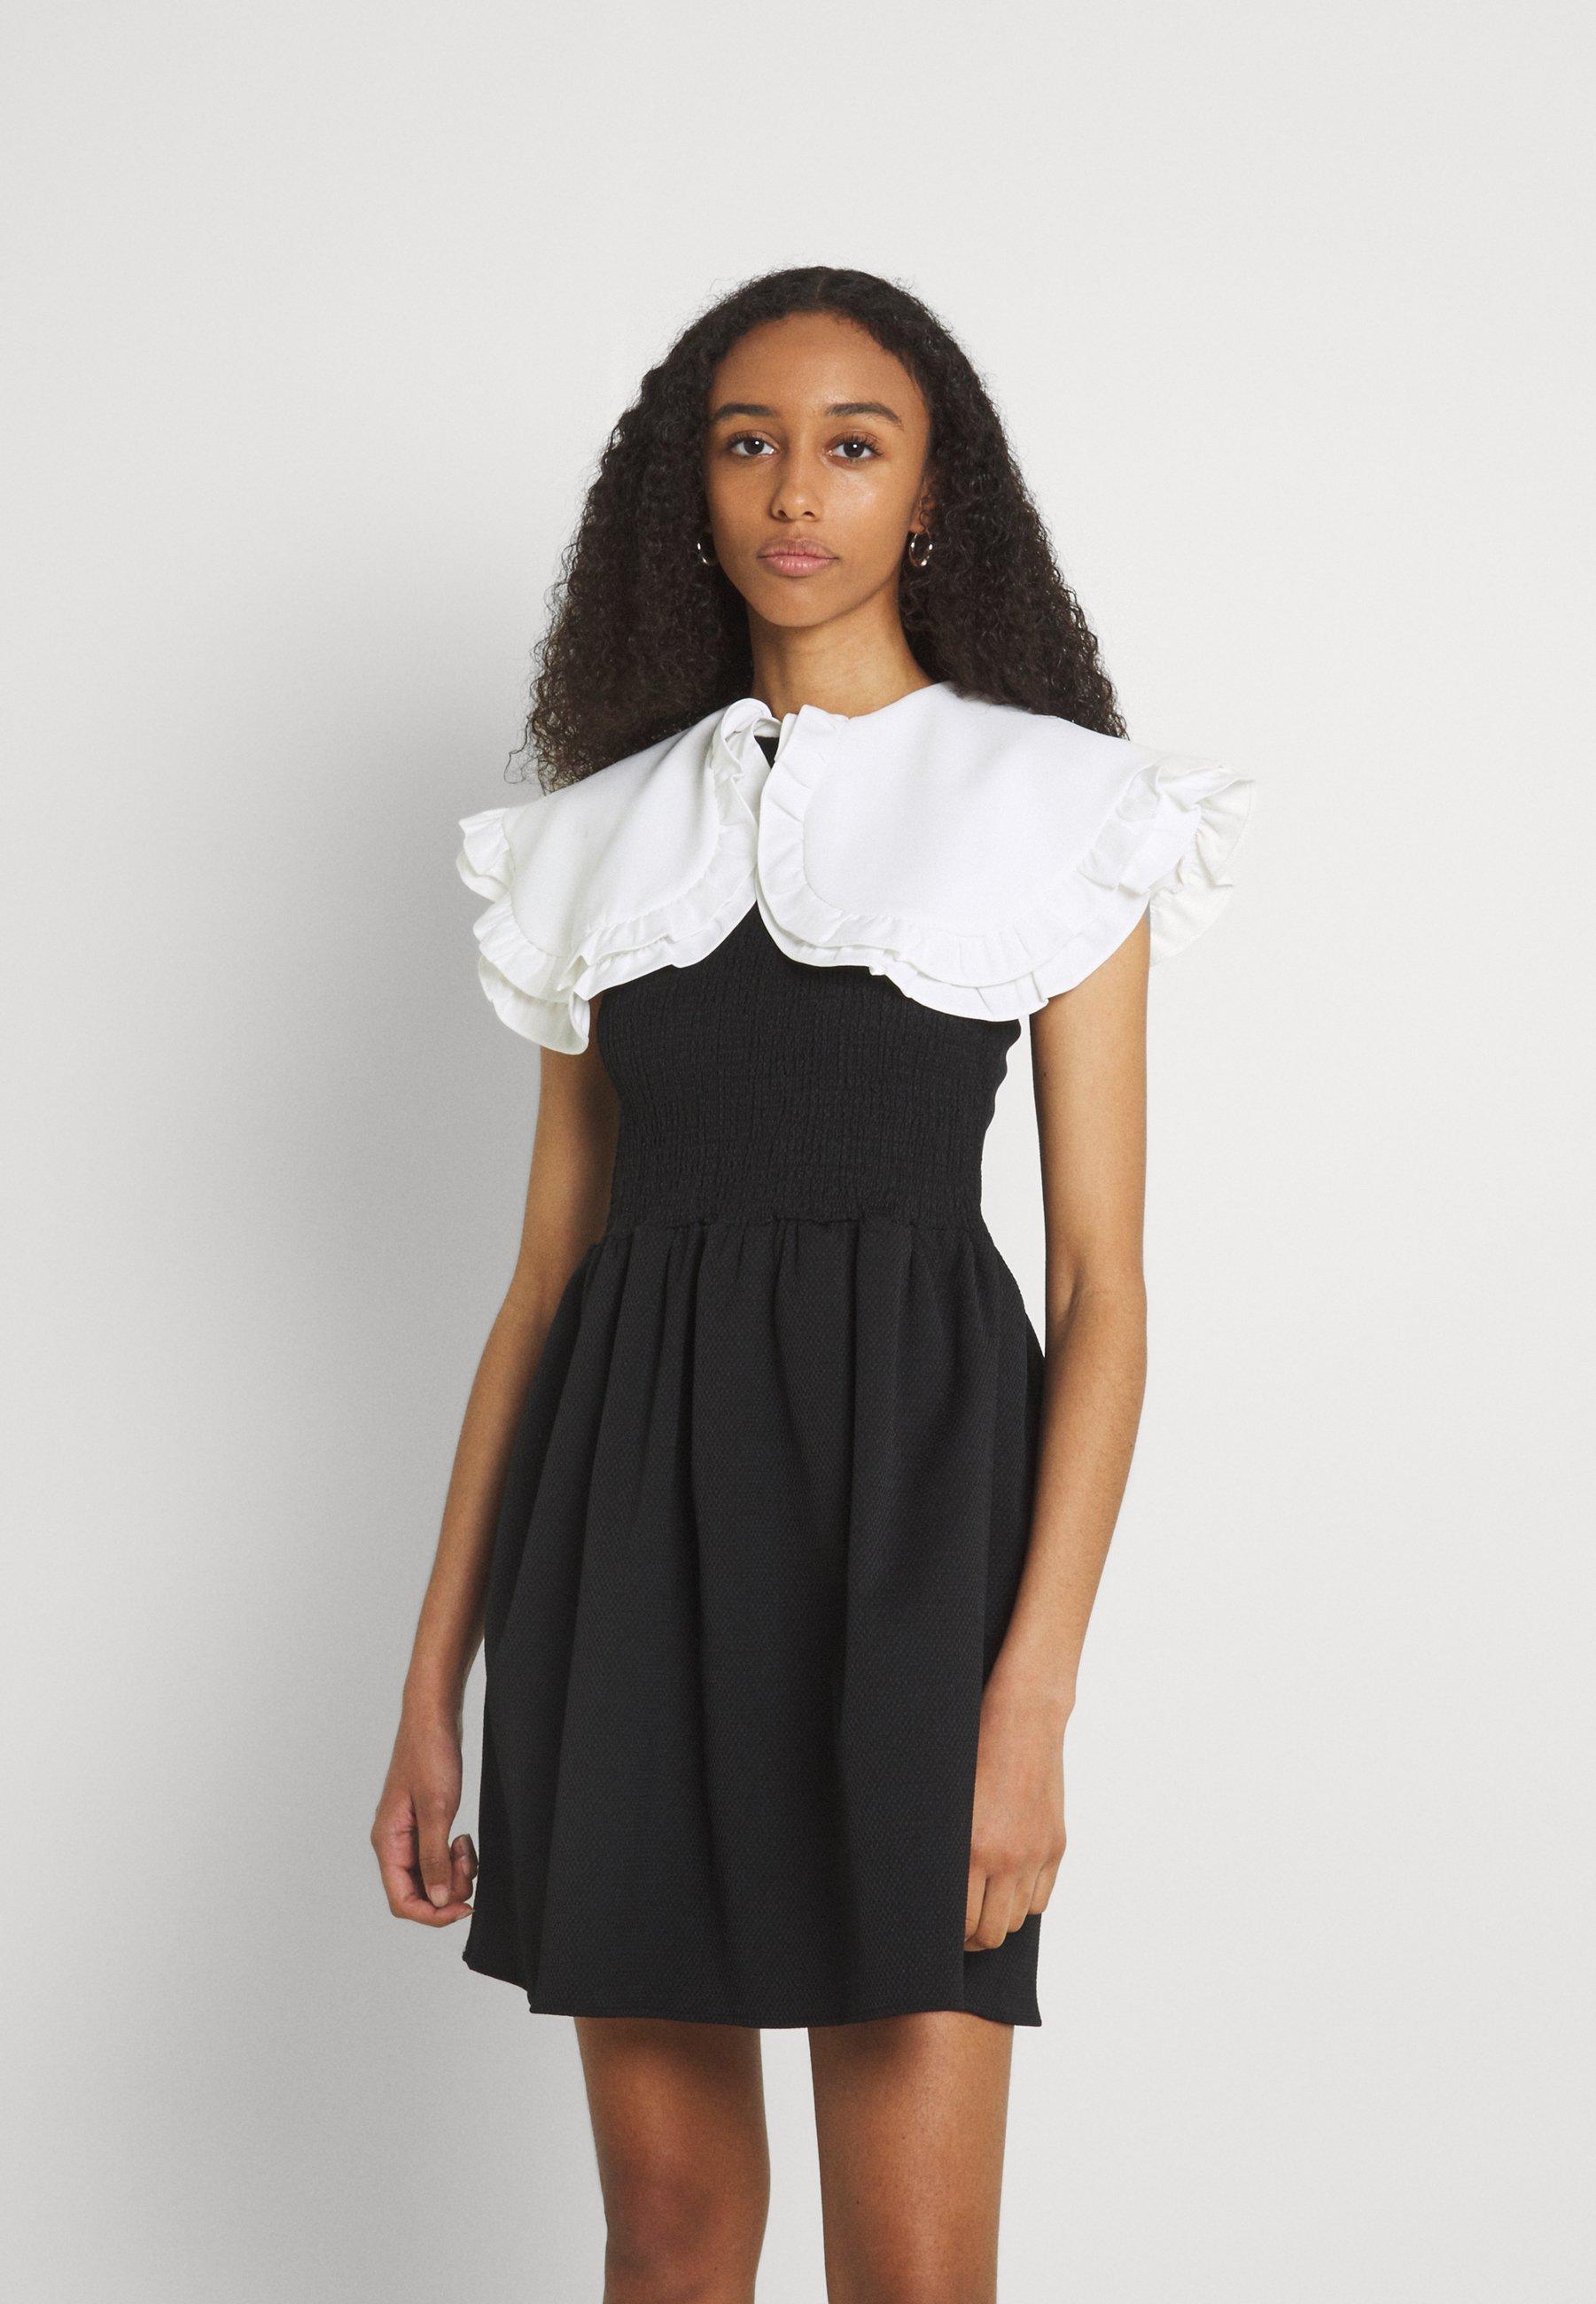 Women POSTCARD CONFESSIONS MINI DRESS - Day dress